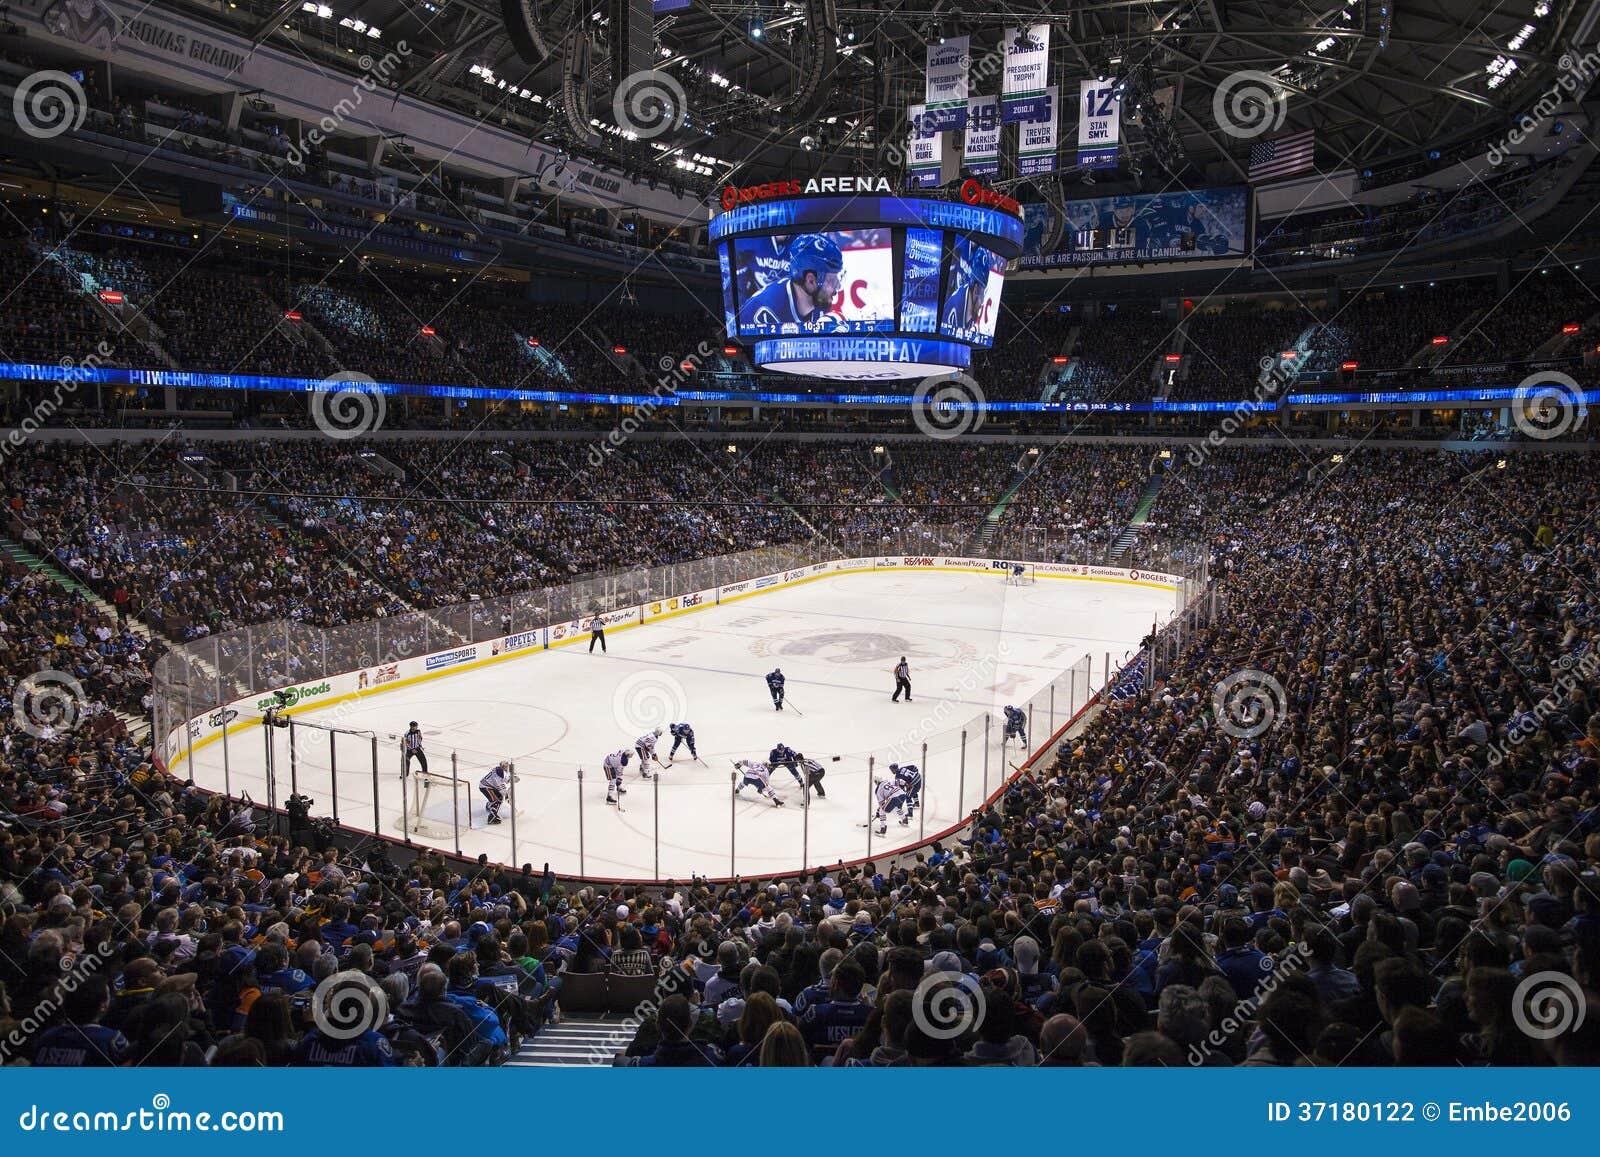 Nhl-Hockeyspiel